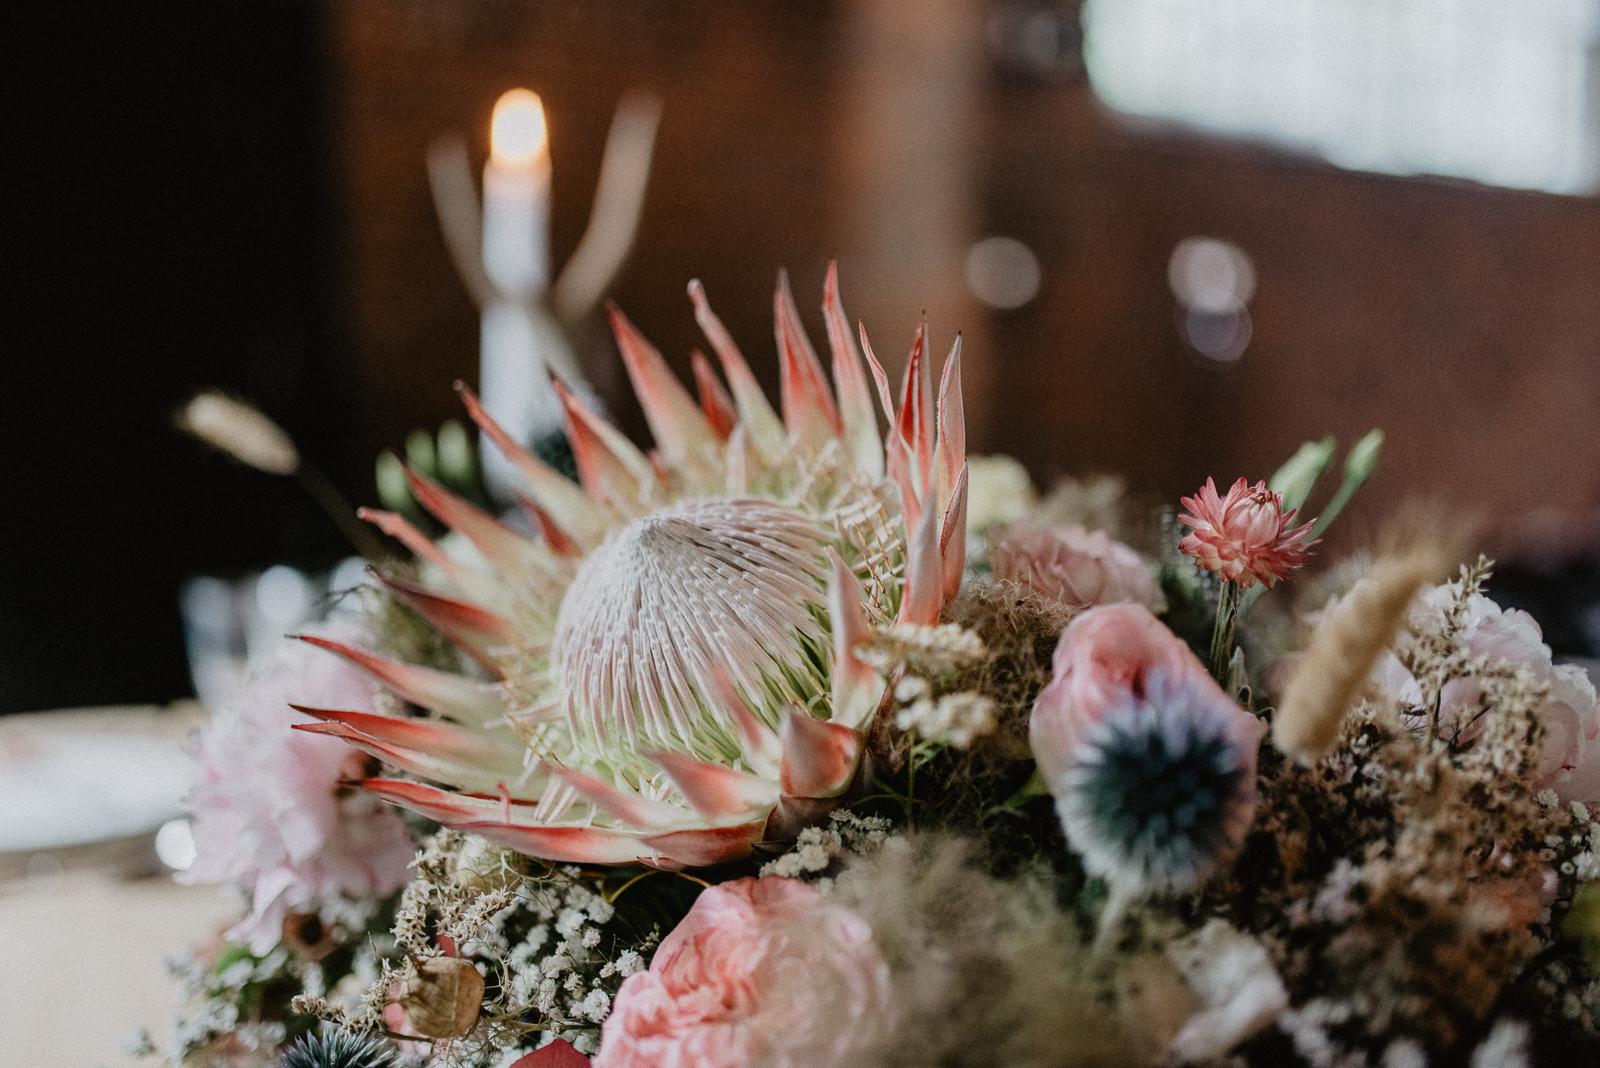 012-tischerie-floraldesign-floristik-tischdeko-hochzeit-hochzeitsdeko-bochum